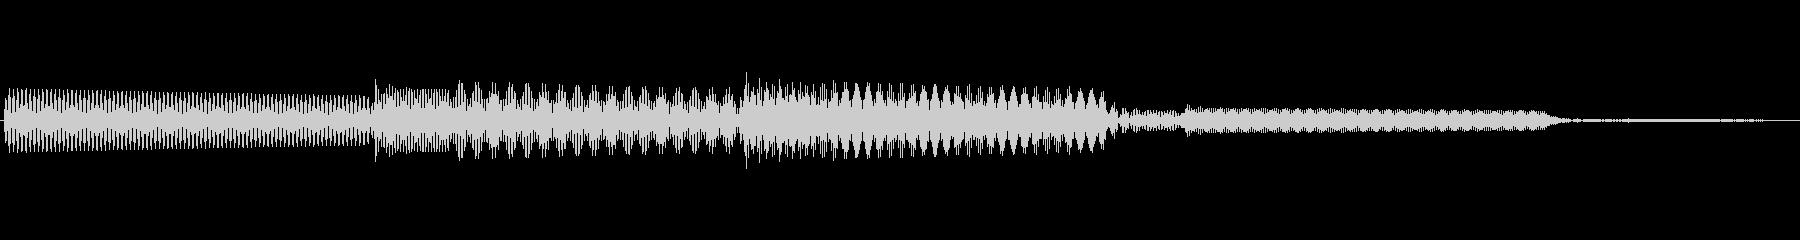 ボタン決定音システム選択タッチ登録A04の未再生の波形